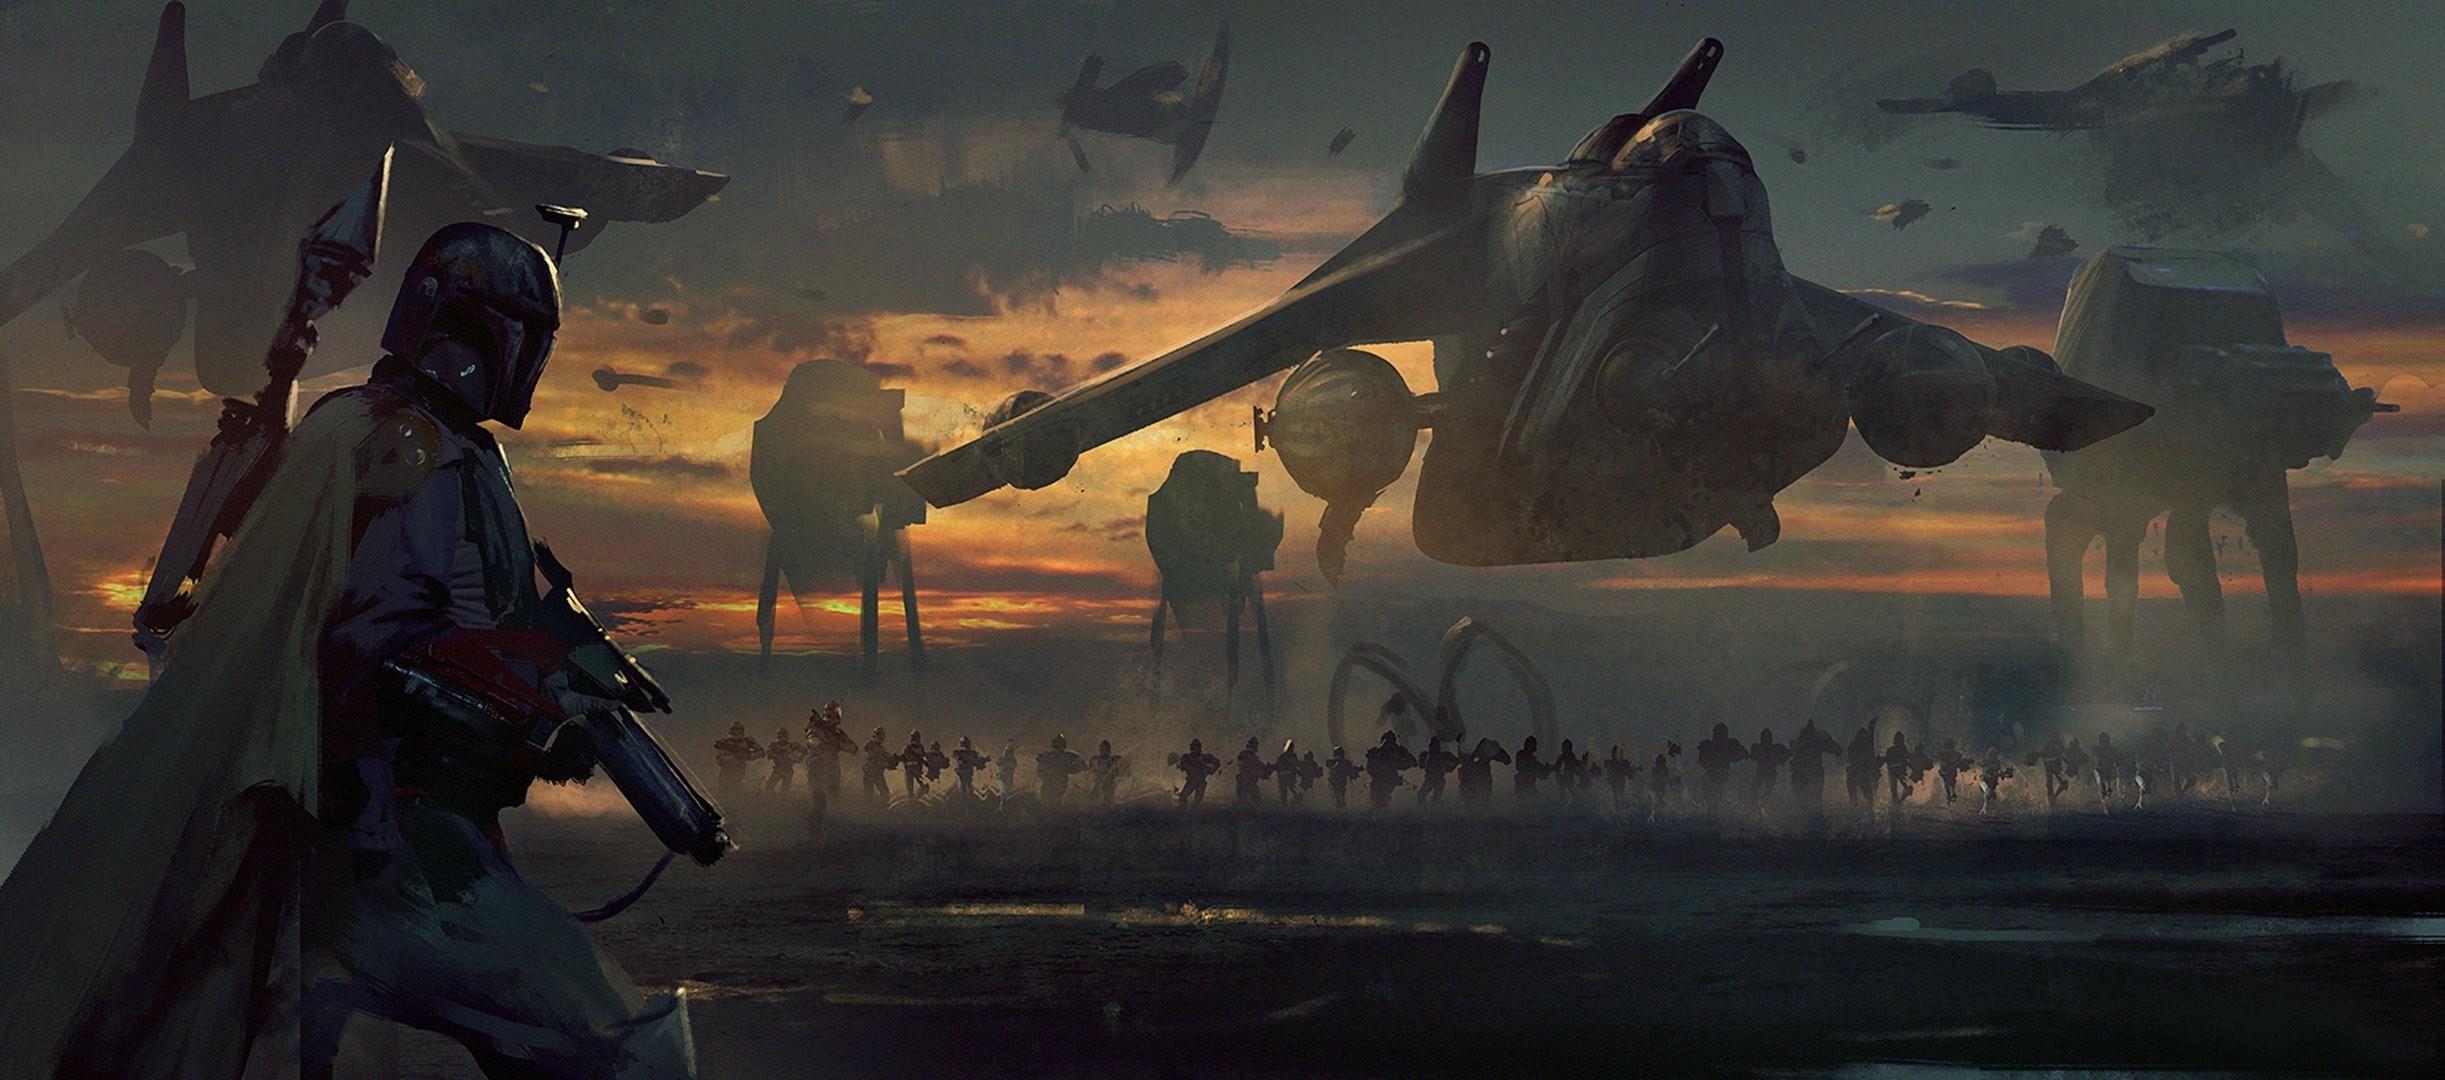 boba fett star wars art imperial march